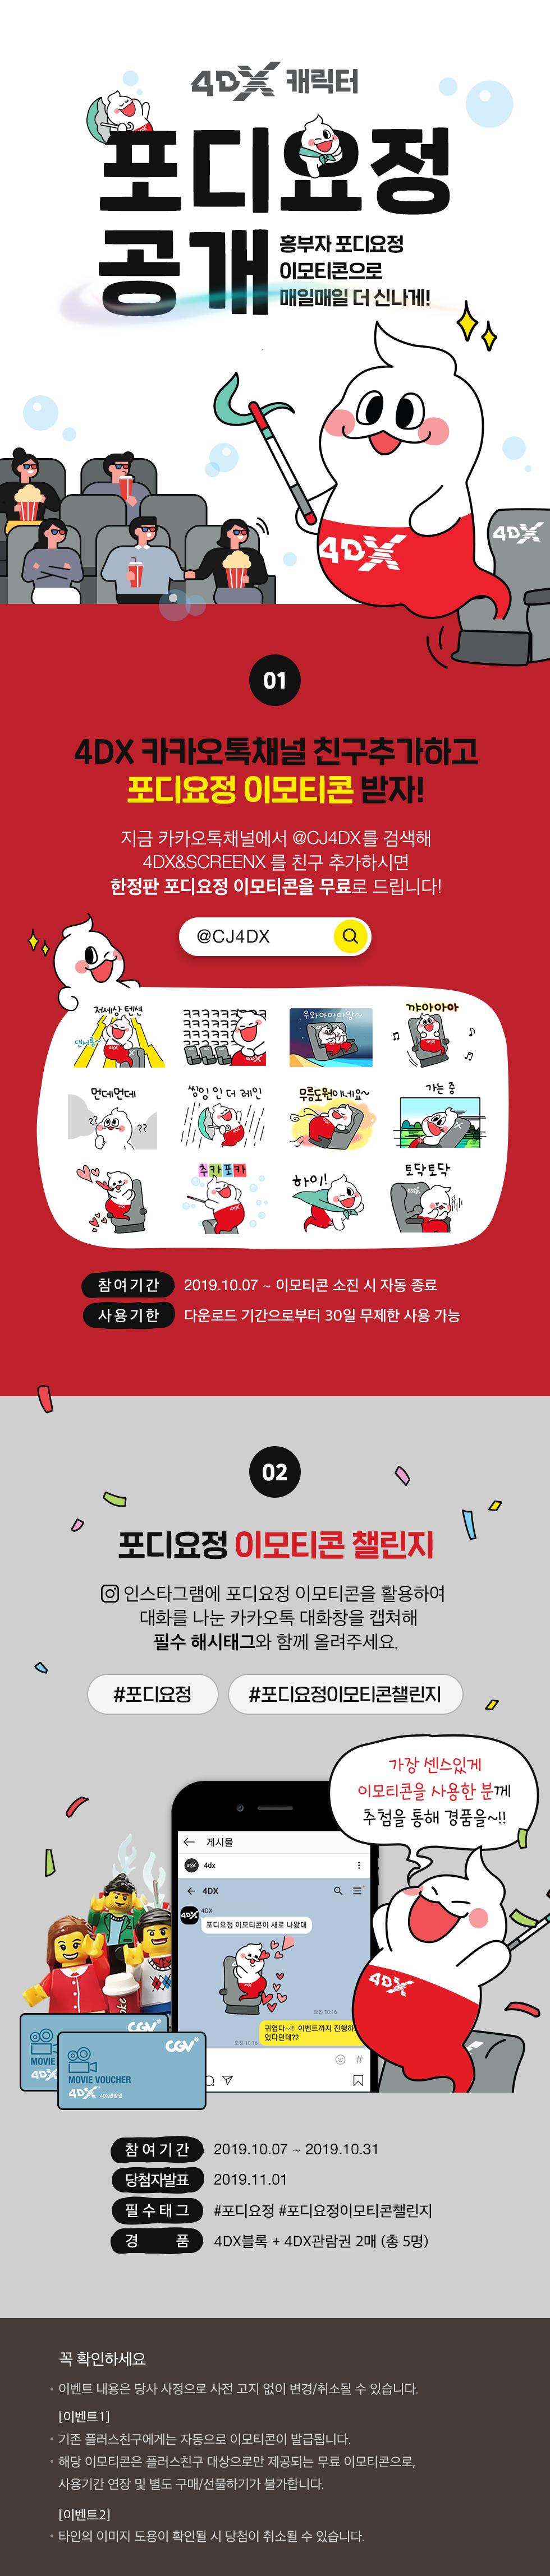 멤버십 4DX 캐릭터 포디요정 공개